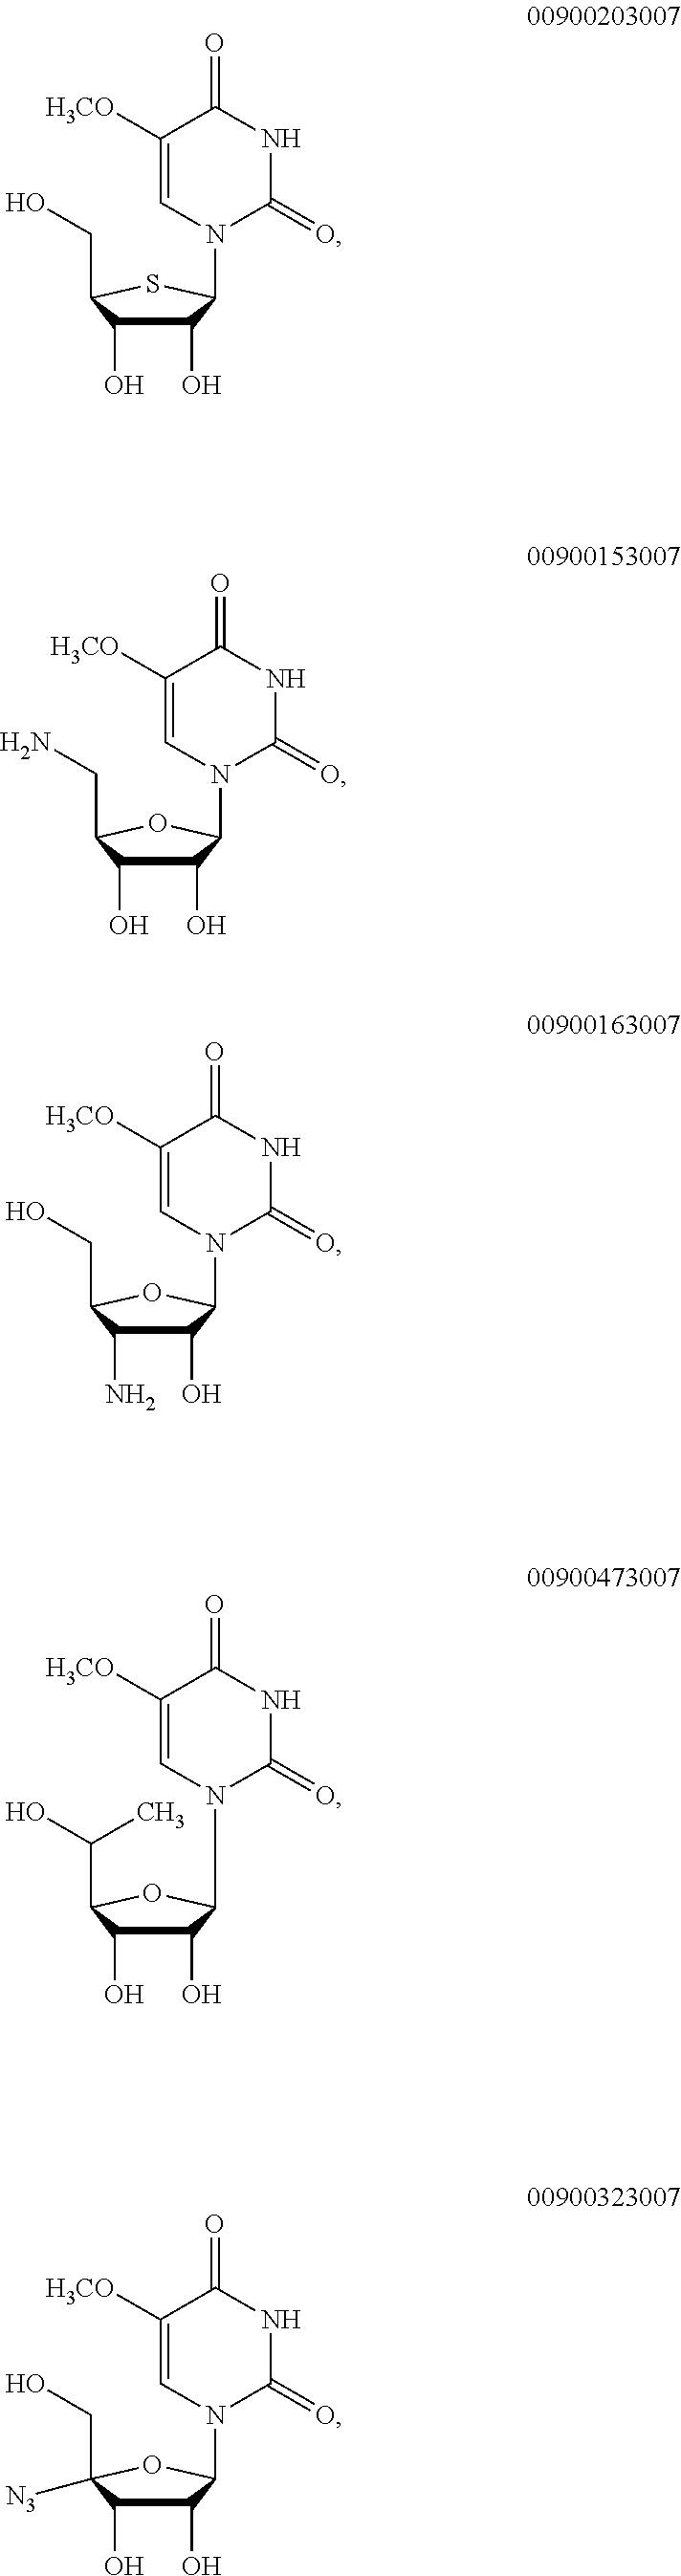 Figure US20160237108A1-20160818-C00008